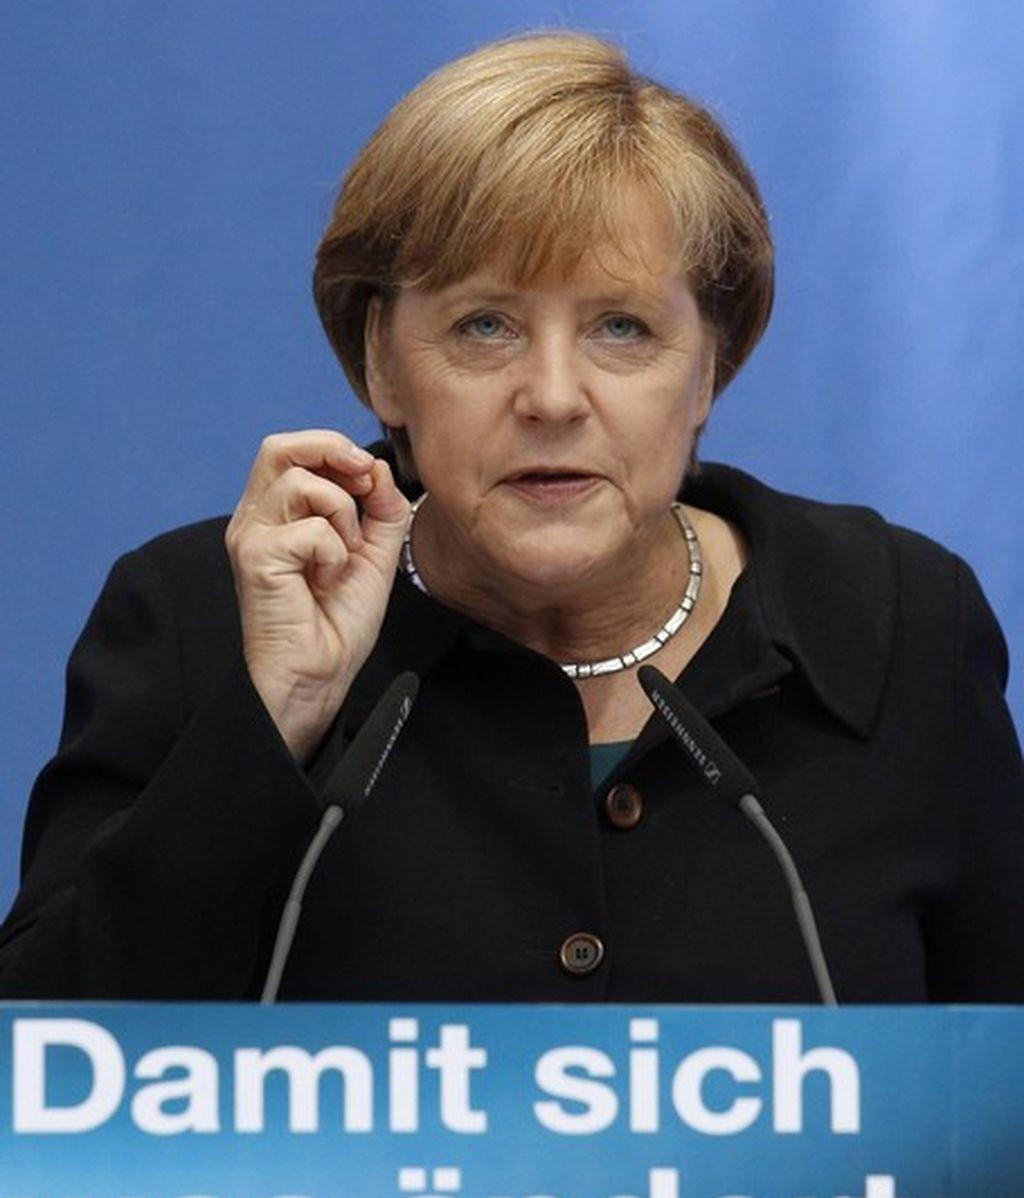 La canciller alemana, Angela Merkel, ha rechazado la posibilidad de una quiebra de Grecia.